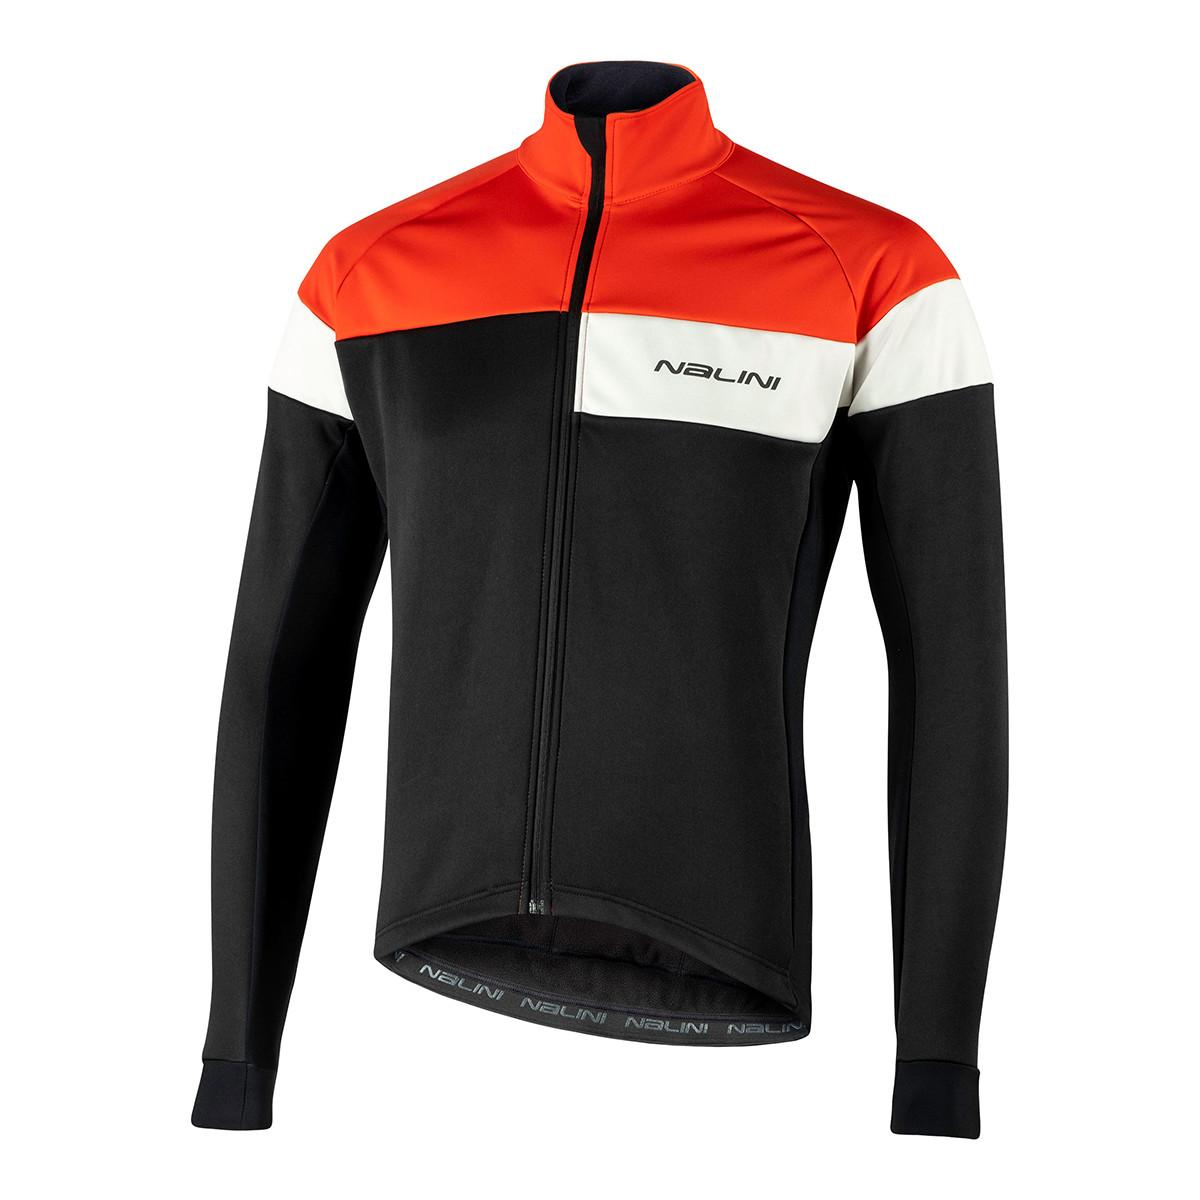 Nalini Pista B0W Red Jacket